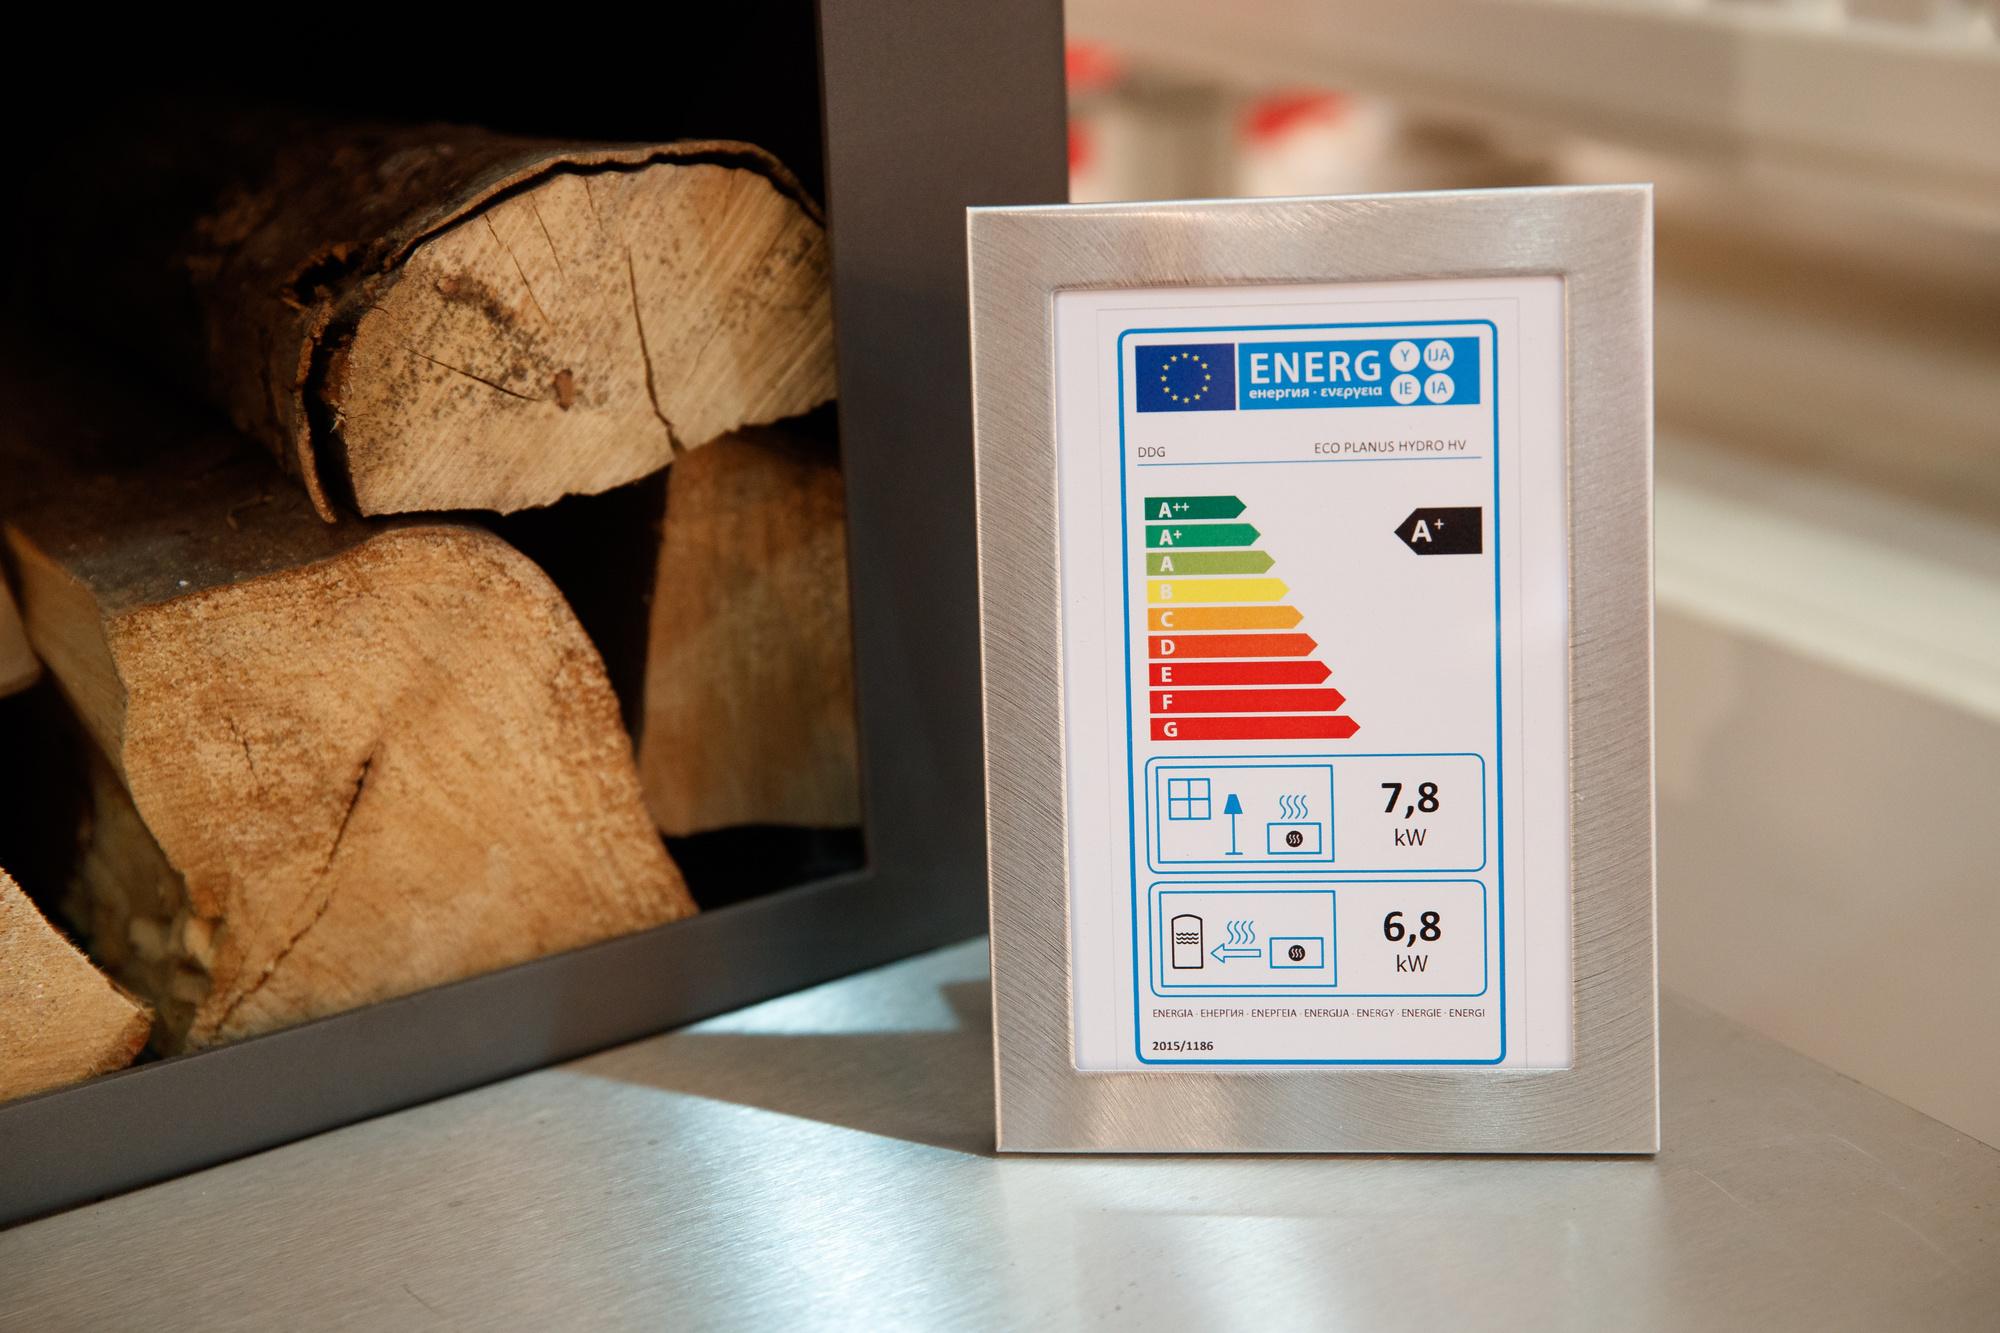 Les catégories du label énergétique changent., Belga